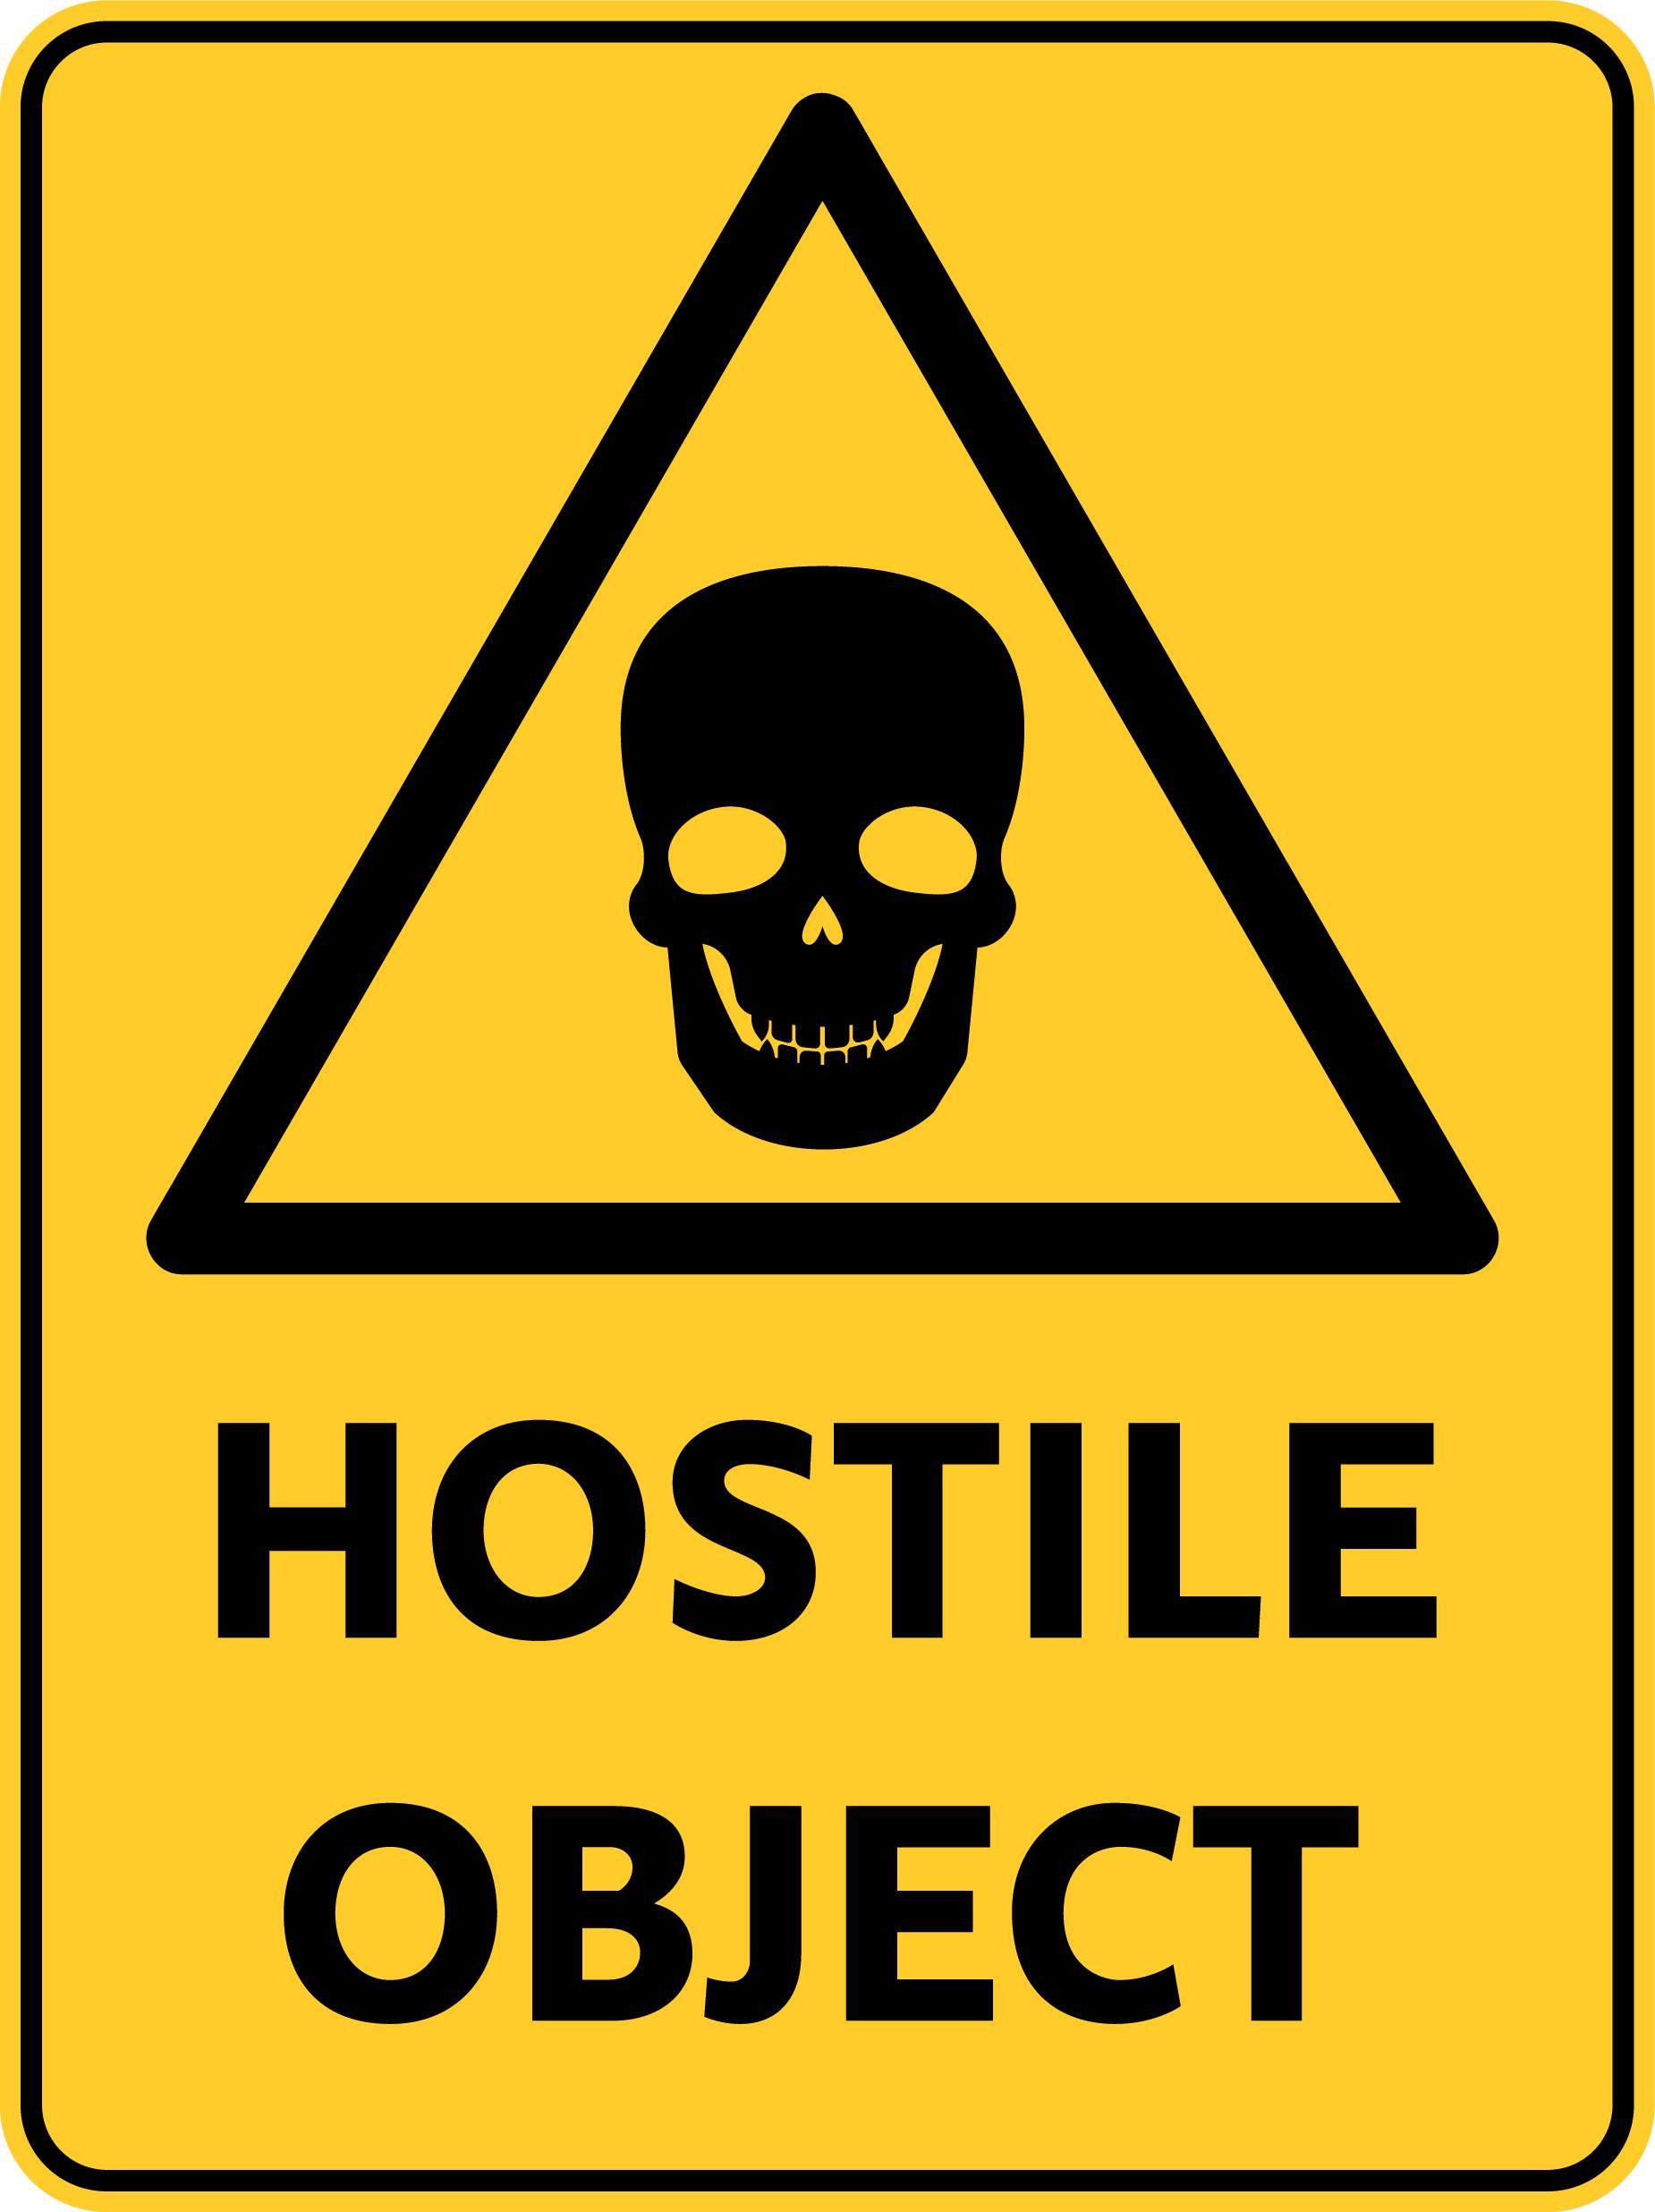 Hostile%20object.png